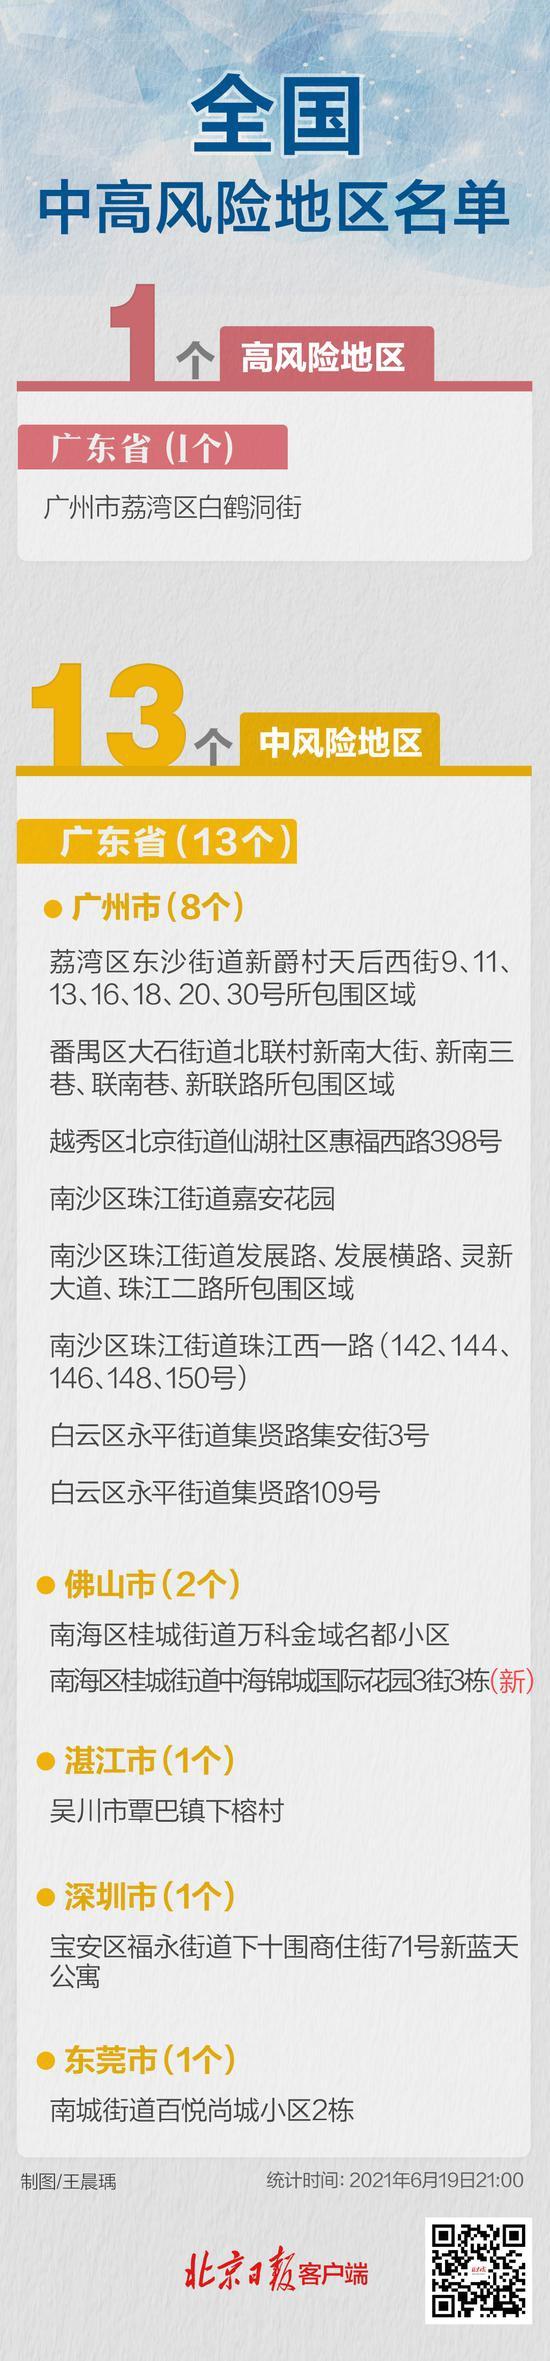 最新!广东佛山一地升级,全国现有1+13个高中风险区图片